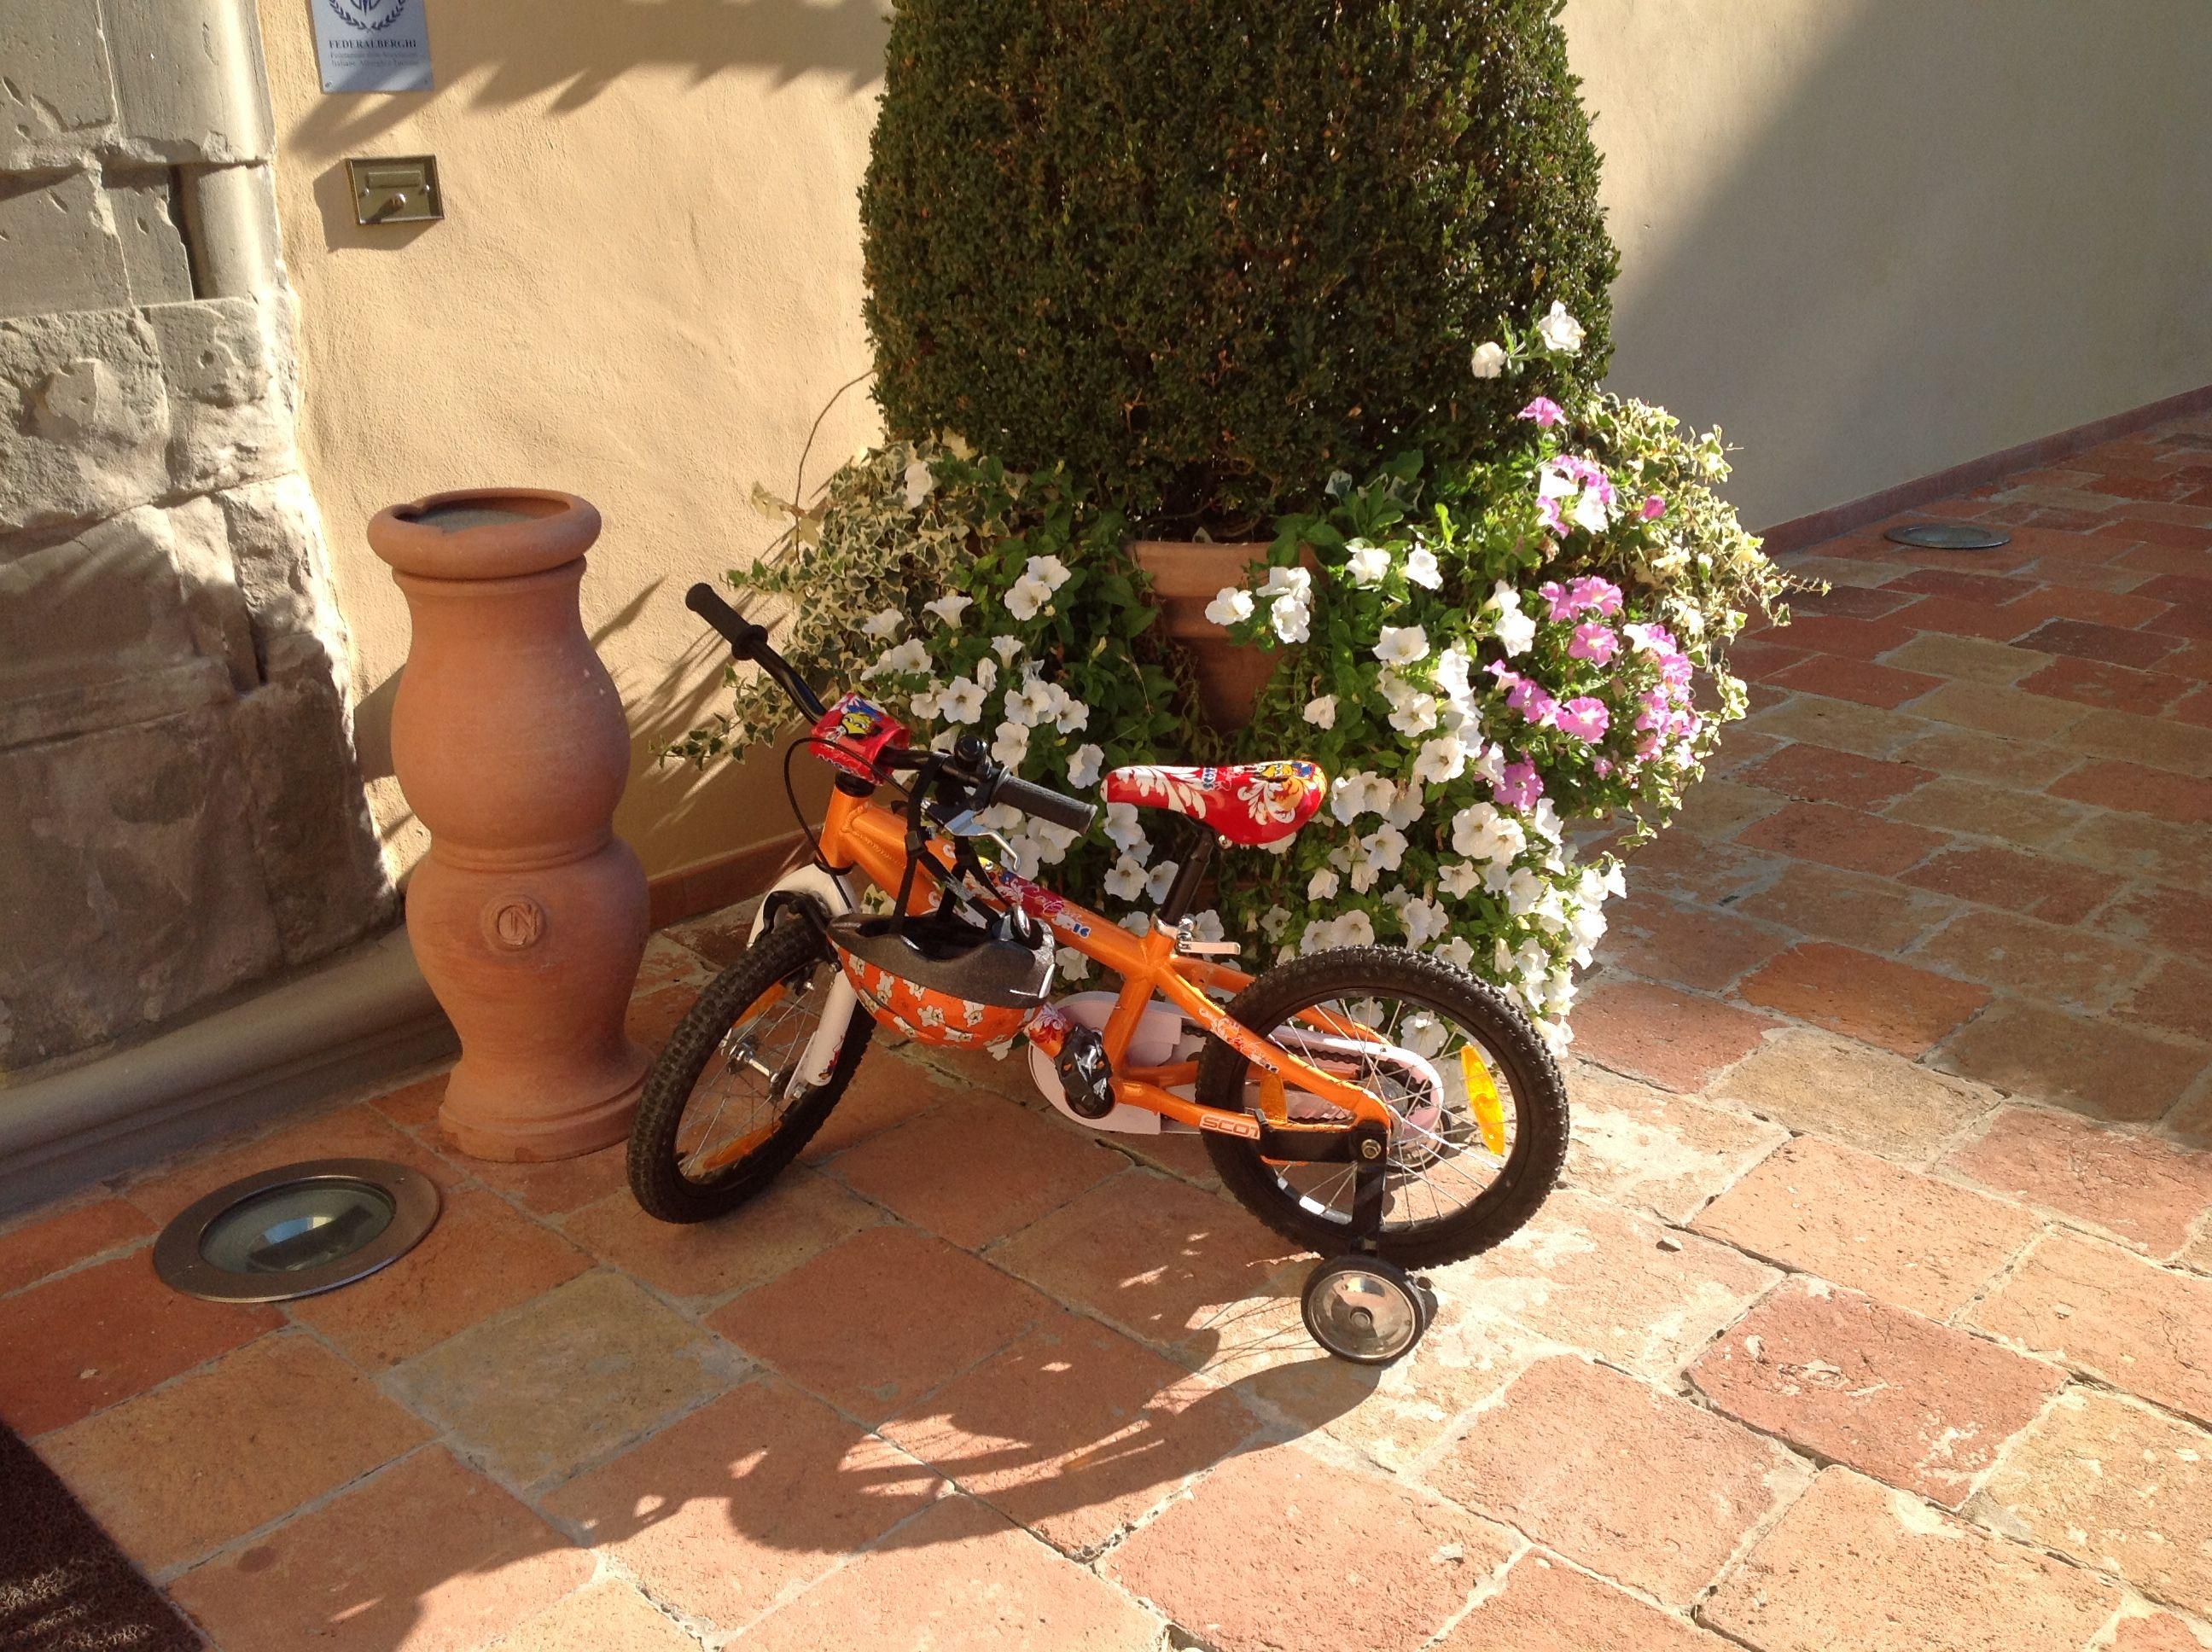 E' bello quando tutti i nostri ospiti si sentono a casa! Making every guest feels at home! #kids #bike